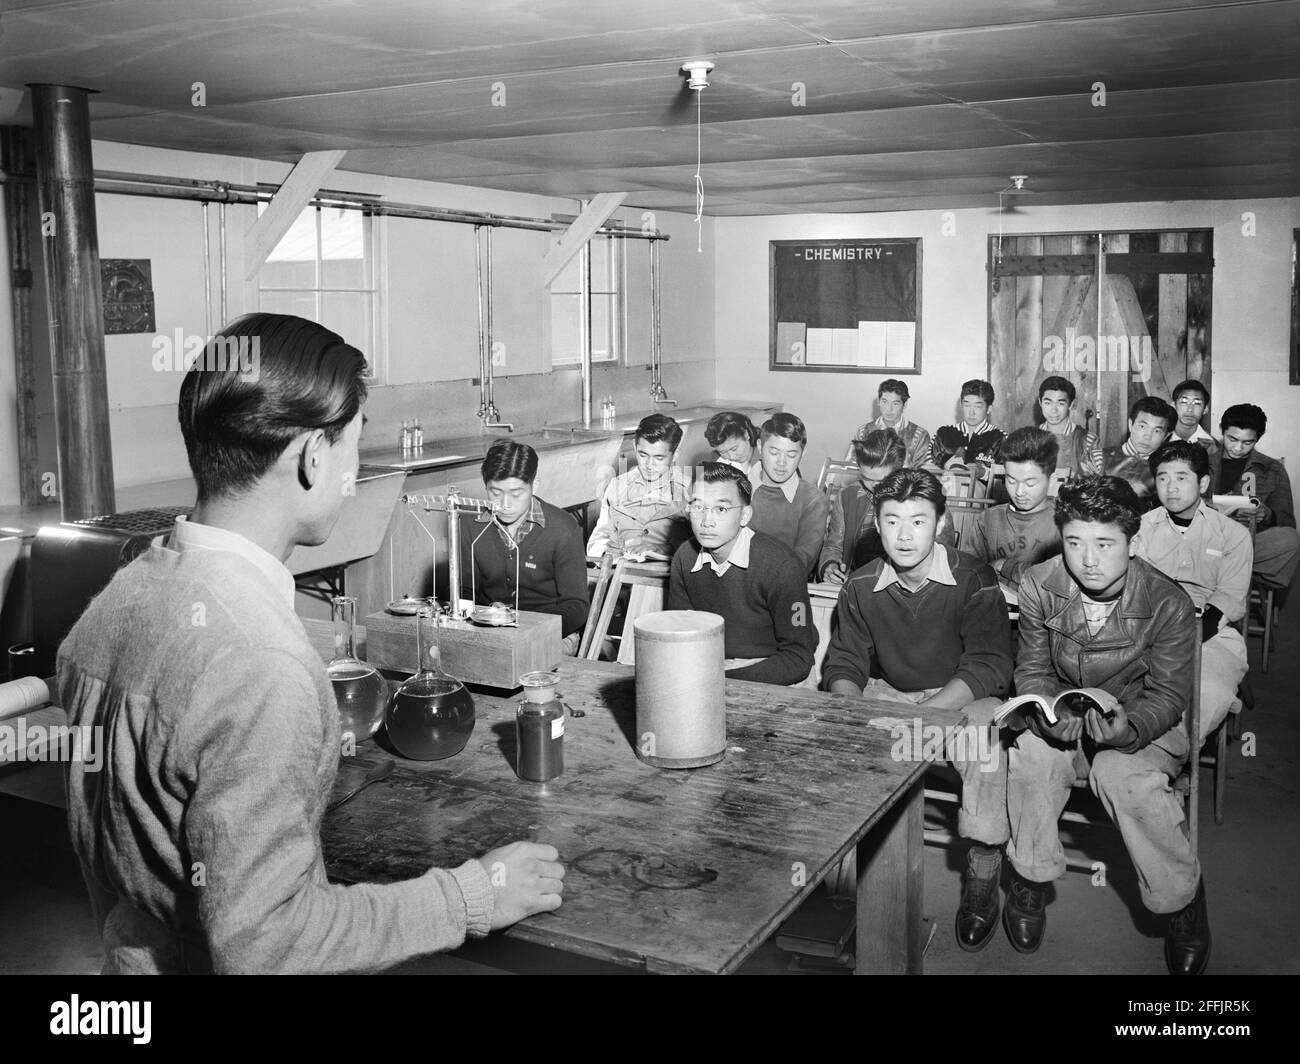 Estudiantes japoneses-americanos sentados en el aula de química, Centro de Relocalización Manzanar, California, EE.UU., Ansel Adams, Colección Manzanar War Relocation Center, 1943 Foto de stock